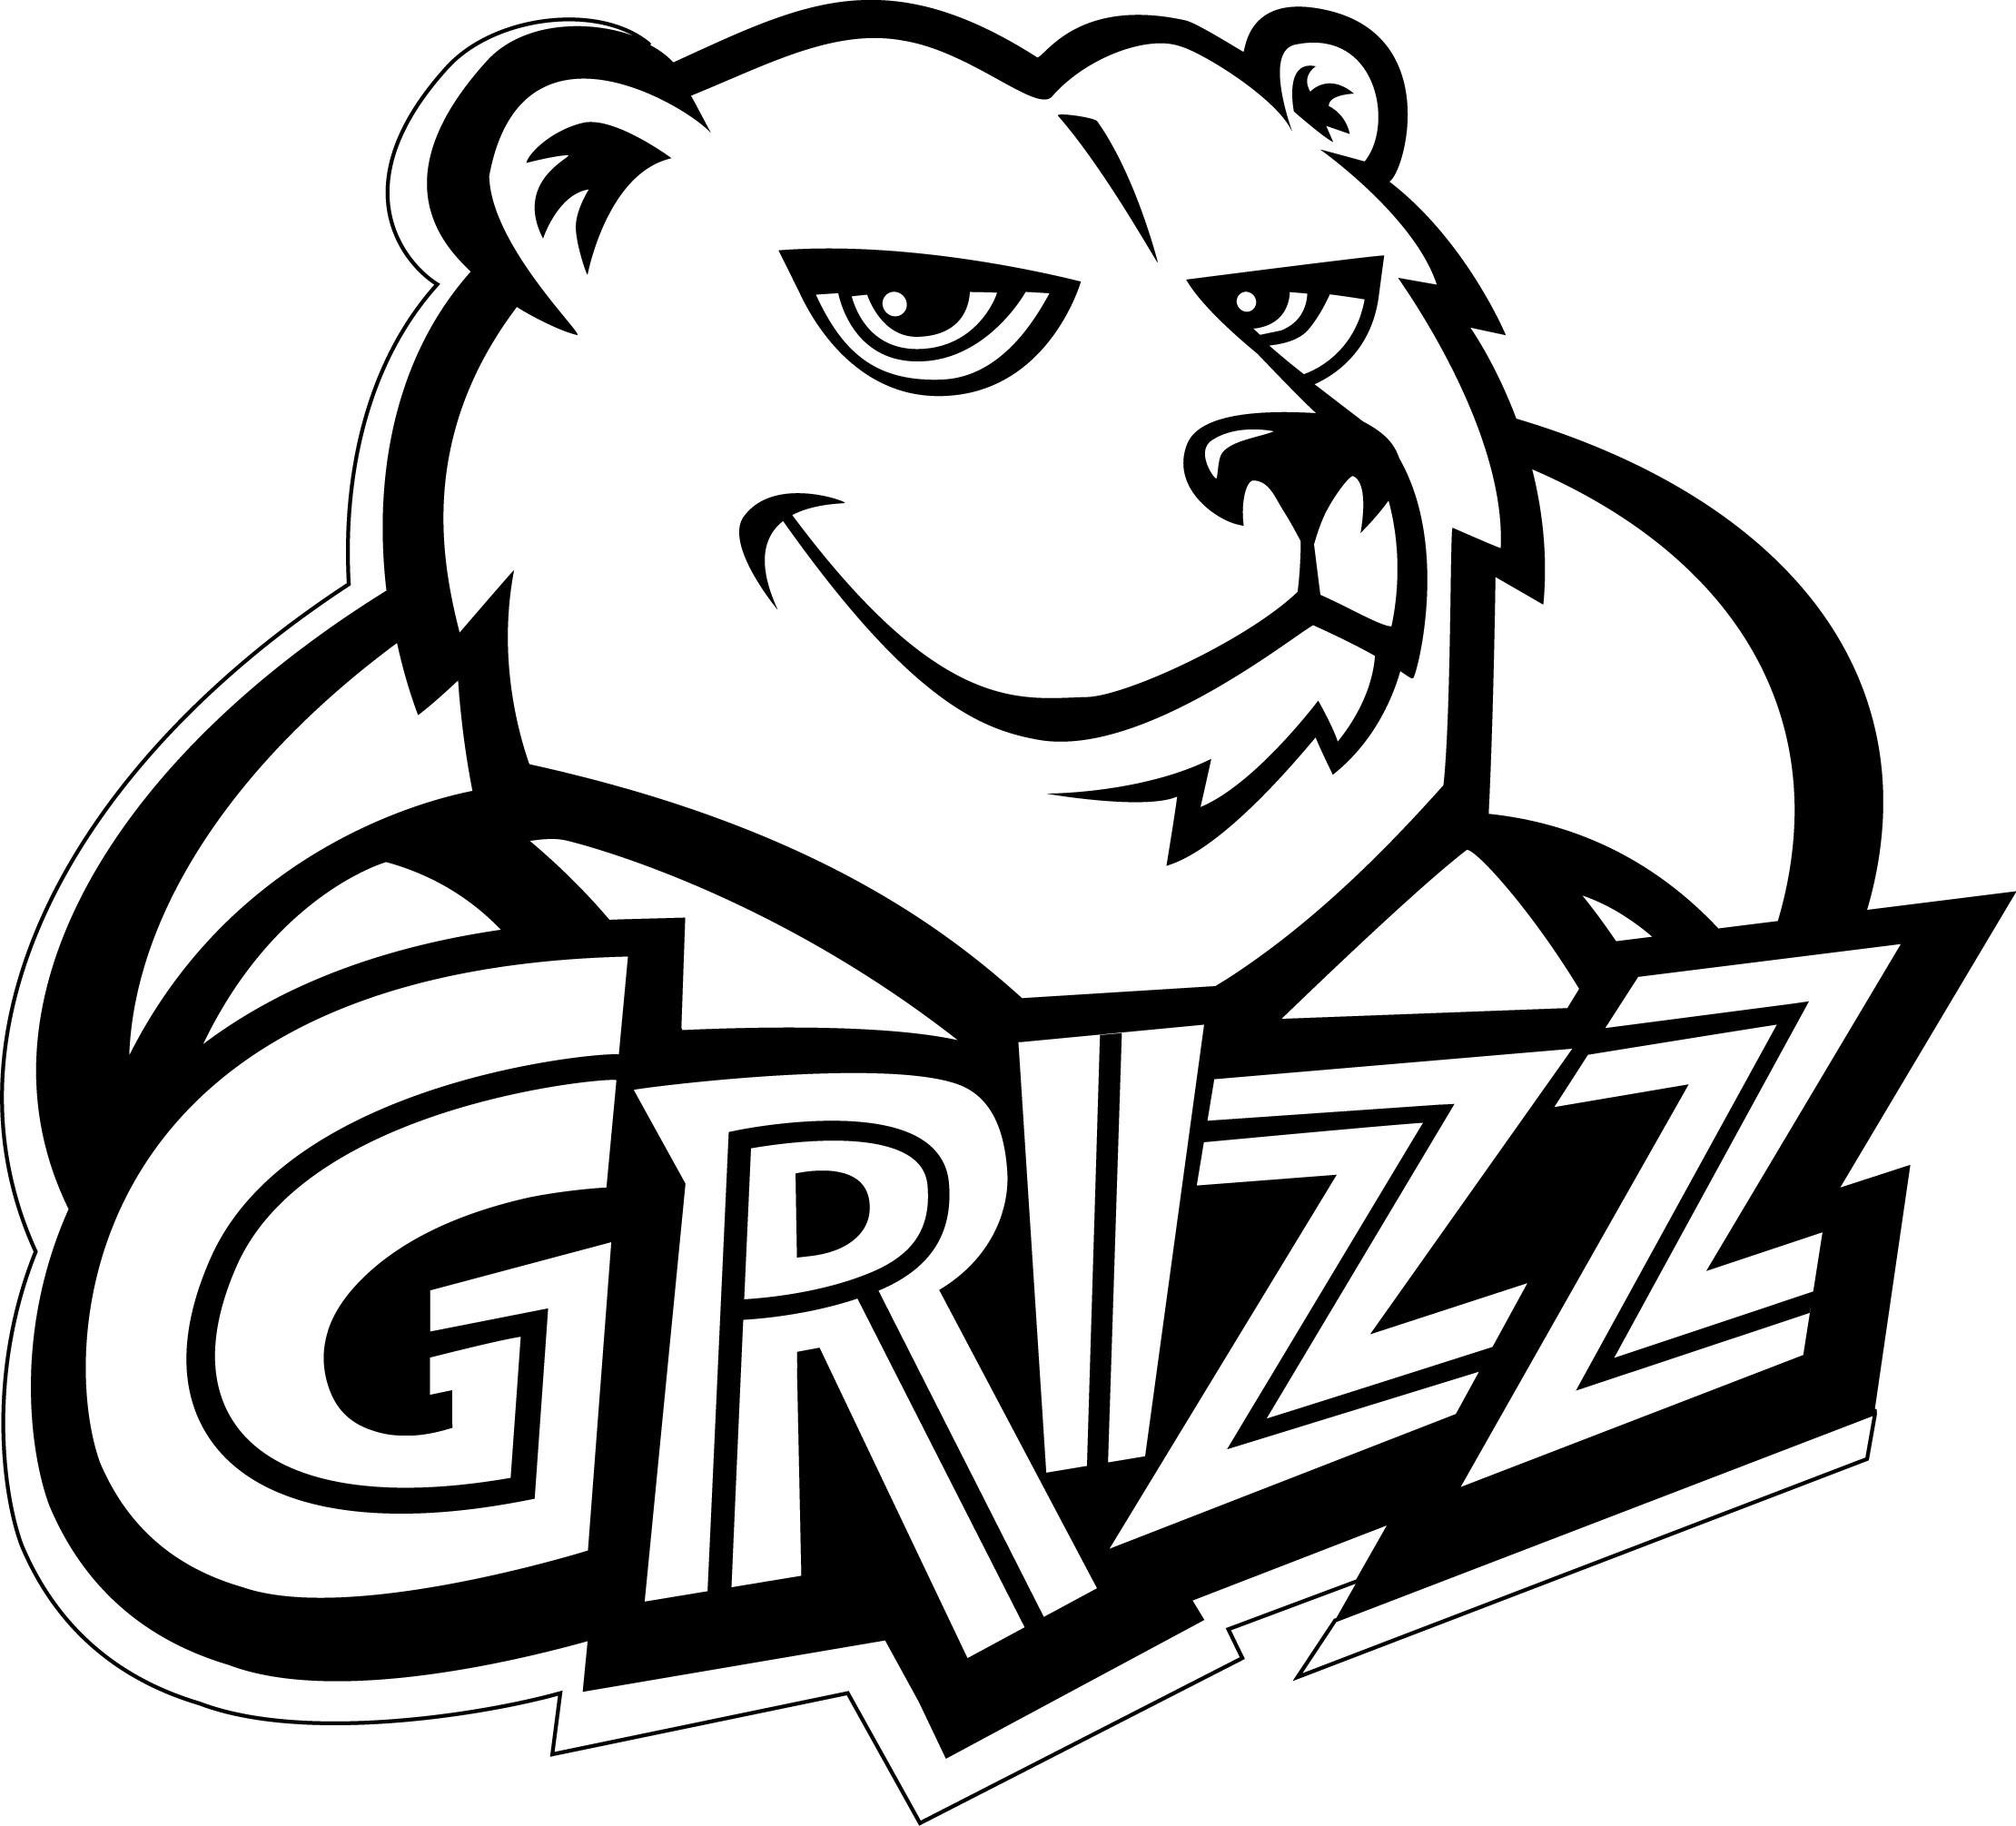 memphis grizzlies coloring pages - photo#23